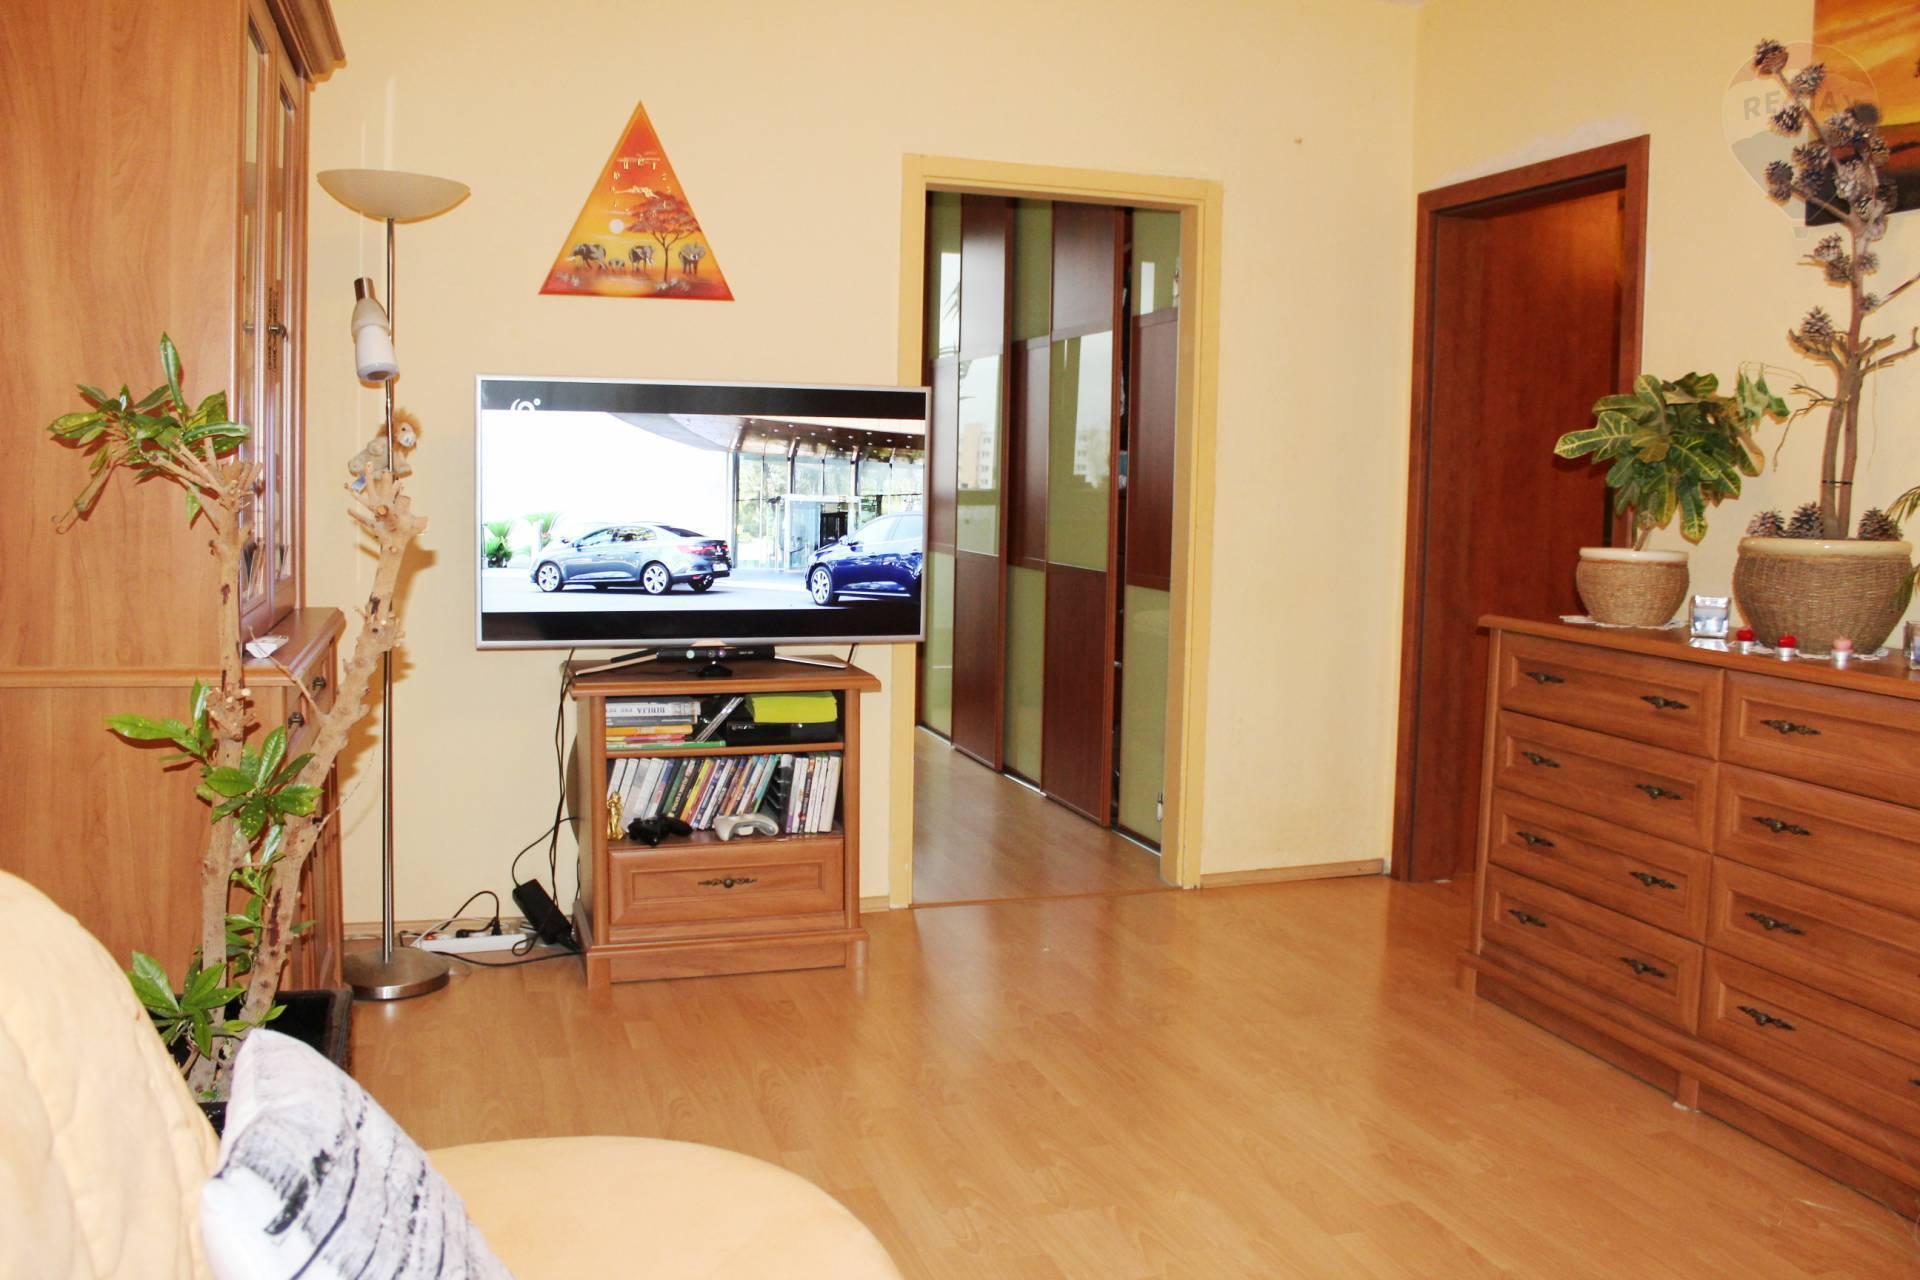 Predaj, kompletne zrekonštruovaný 4-izbový byt 80,5 m2 s loggiou, zariadený